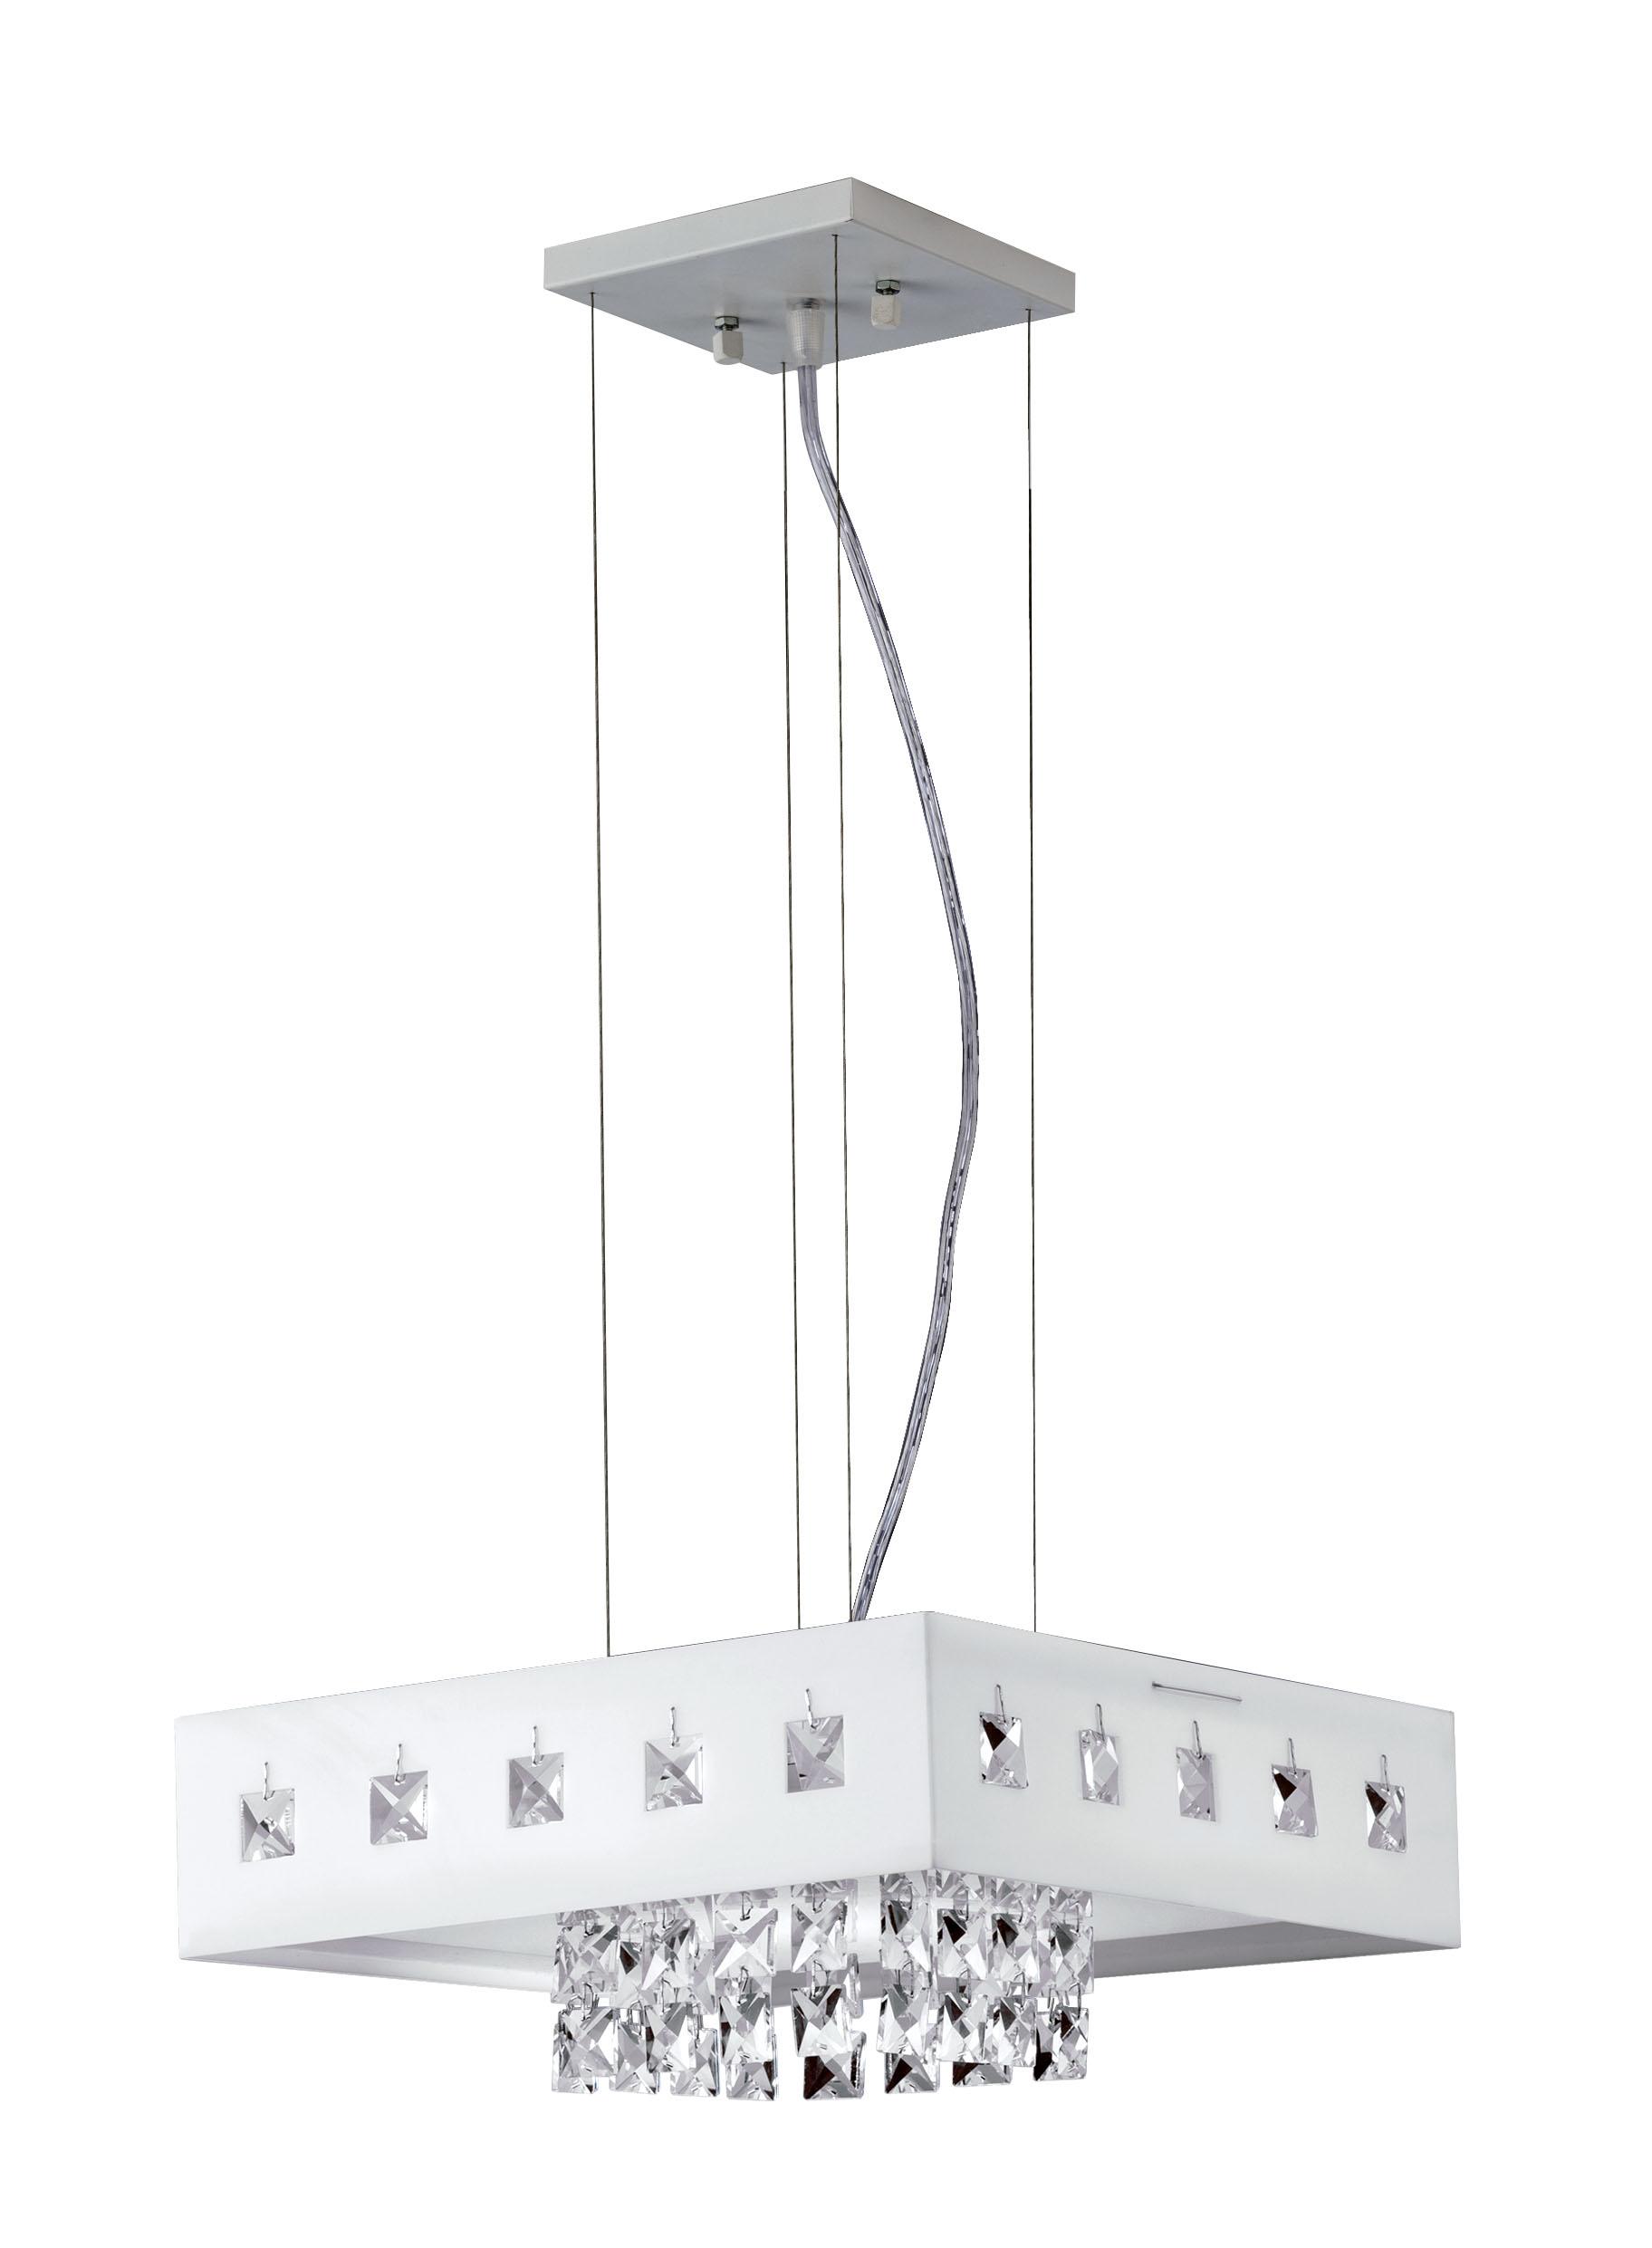 Pd. VIENNA LED 1X20W 220V 6.400K (Luz Branca) em Acrílico Br. Qd. 30X30cm CONTA/PINGENTE EM ACRÌLICO